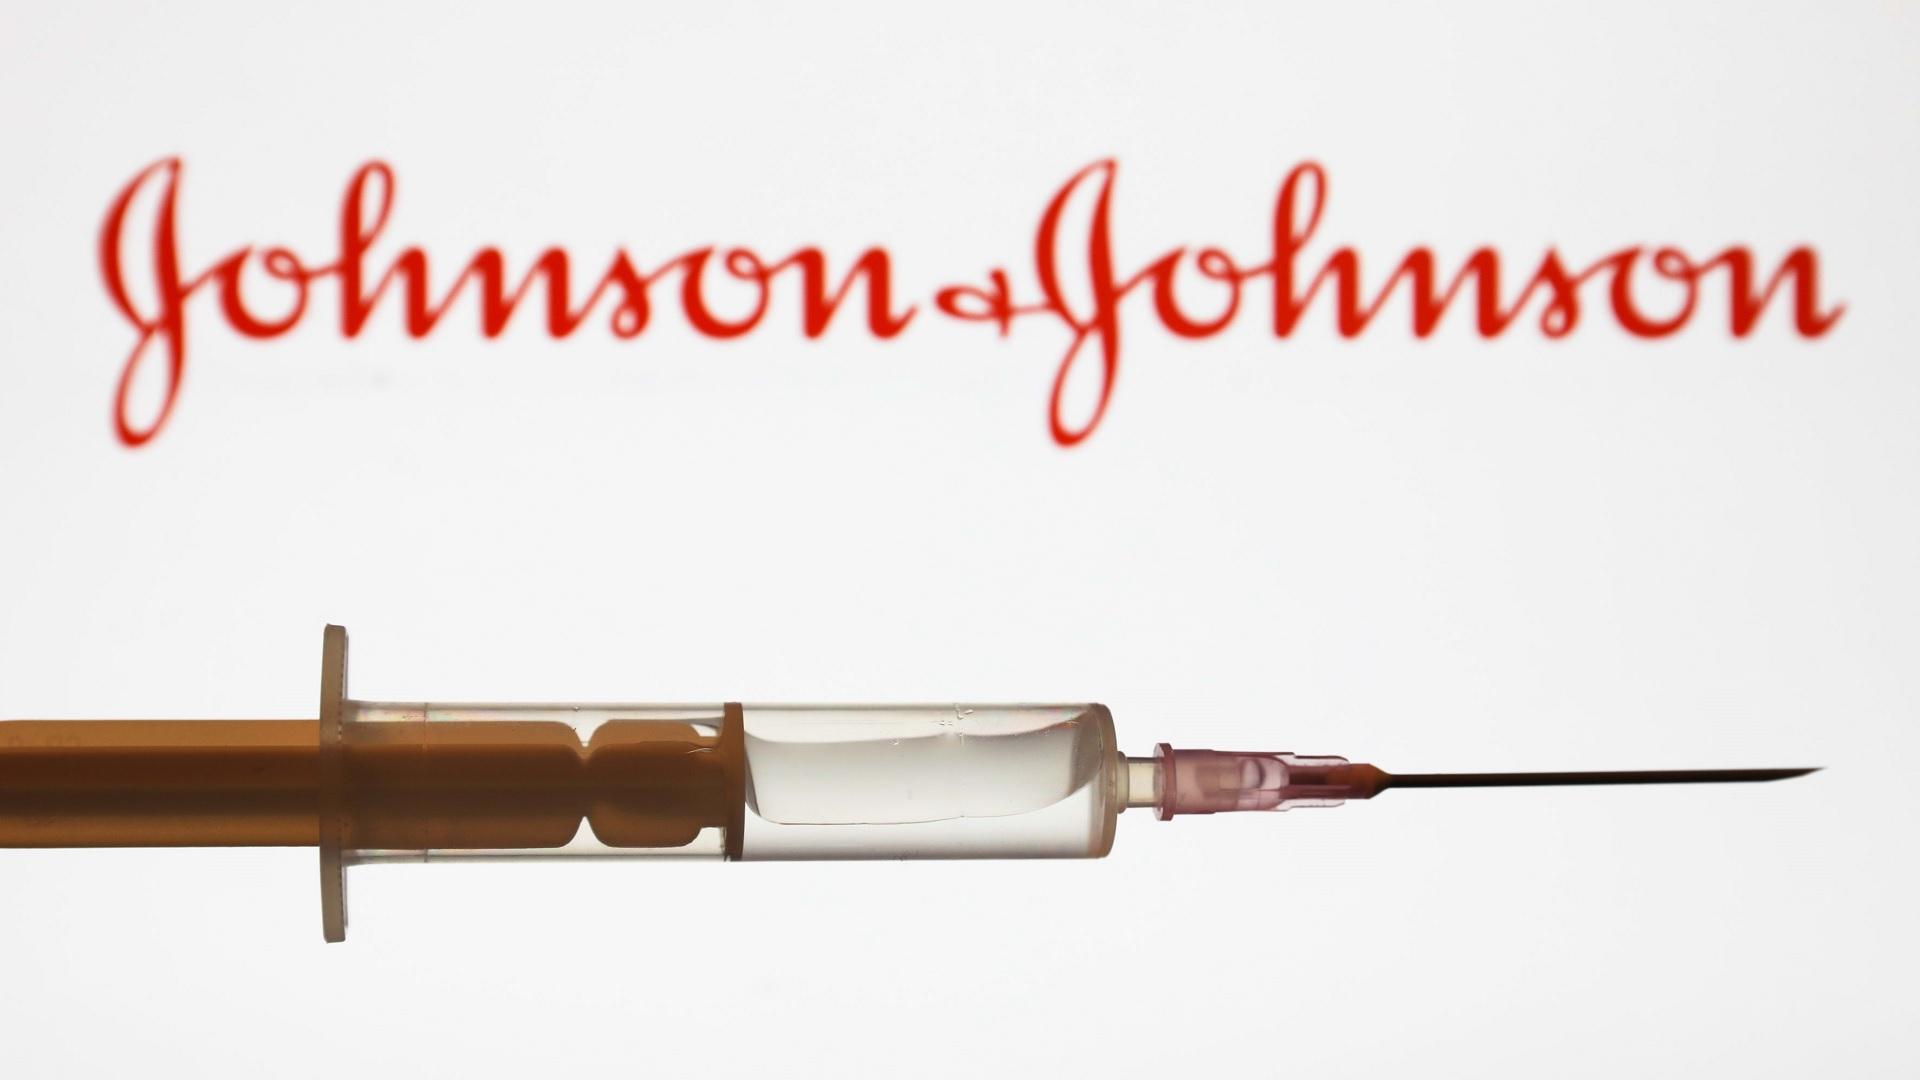 Στρατηγική συμφωνία J&J με την κυβέρνηση των ΗΠΑ για το εμβόλιο